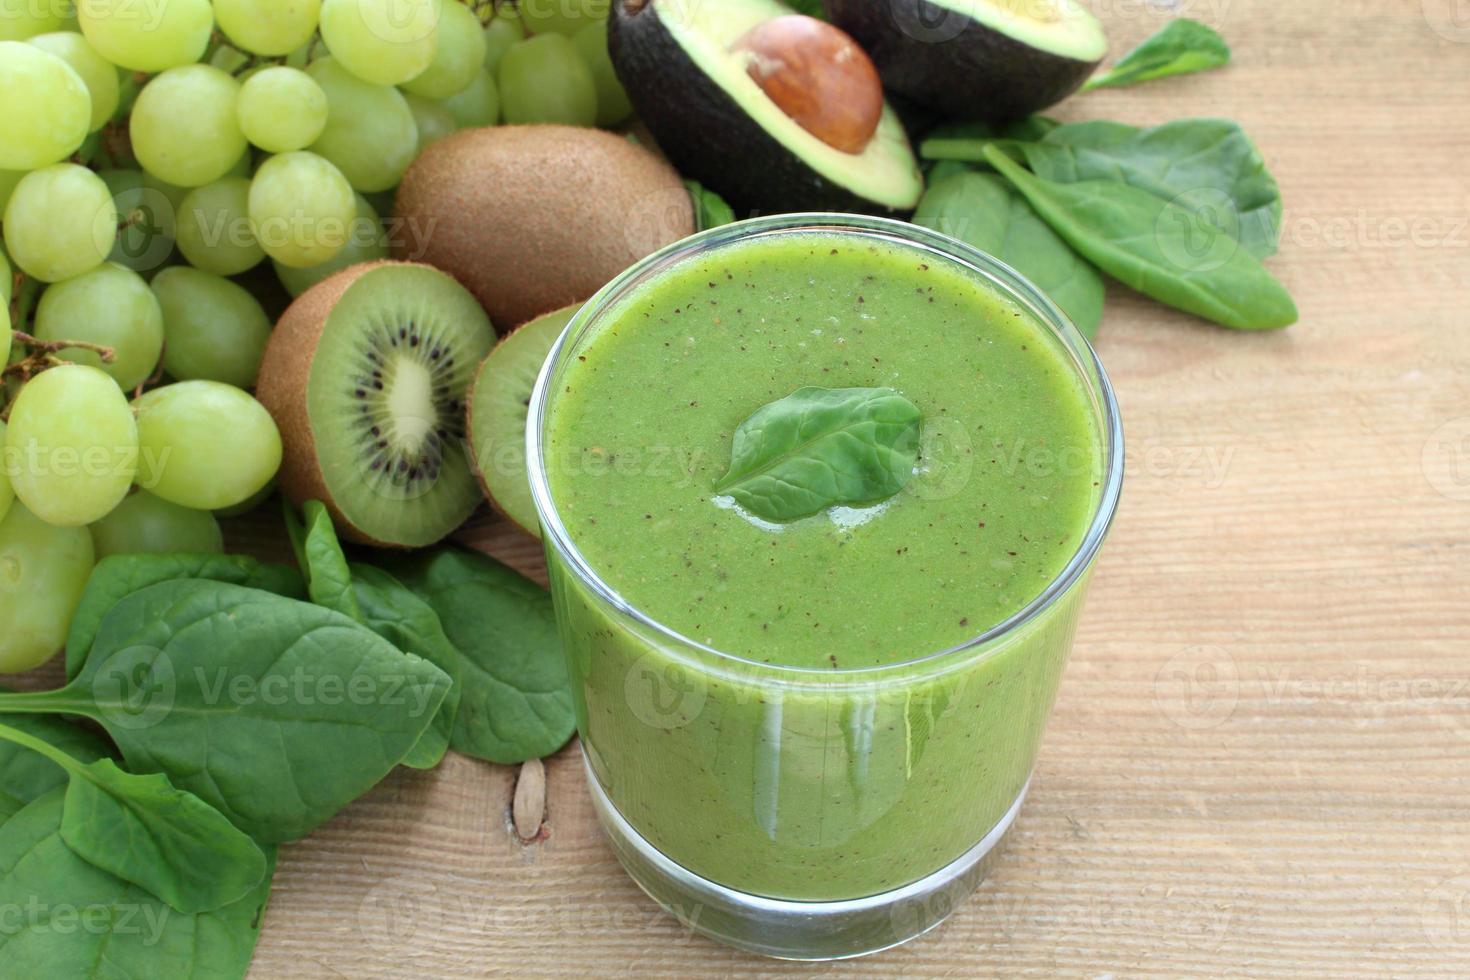 frullato verde ricco di fibre alimentari foto